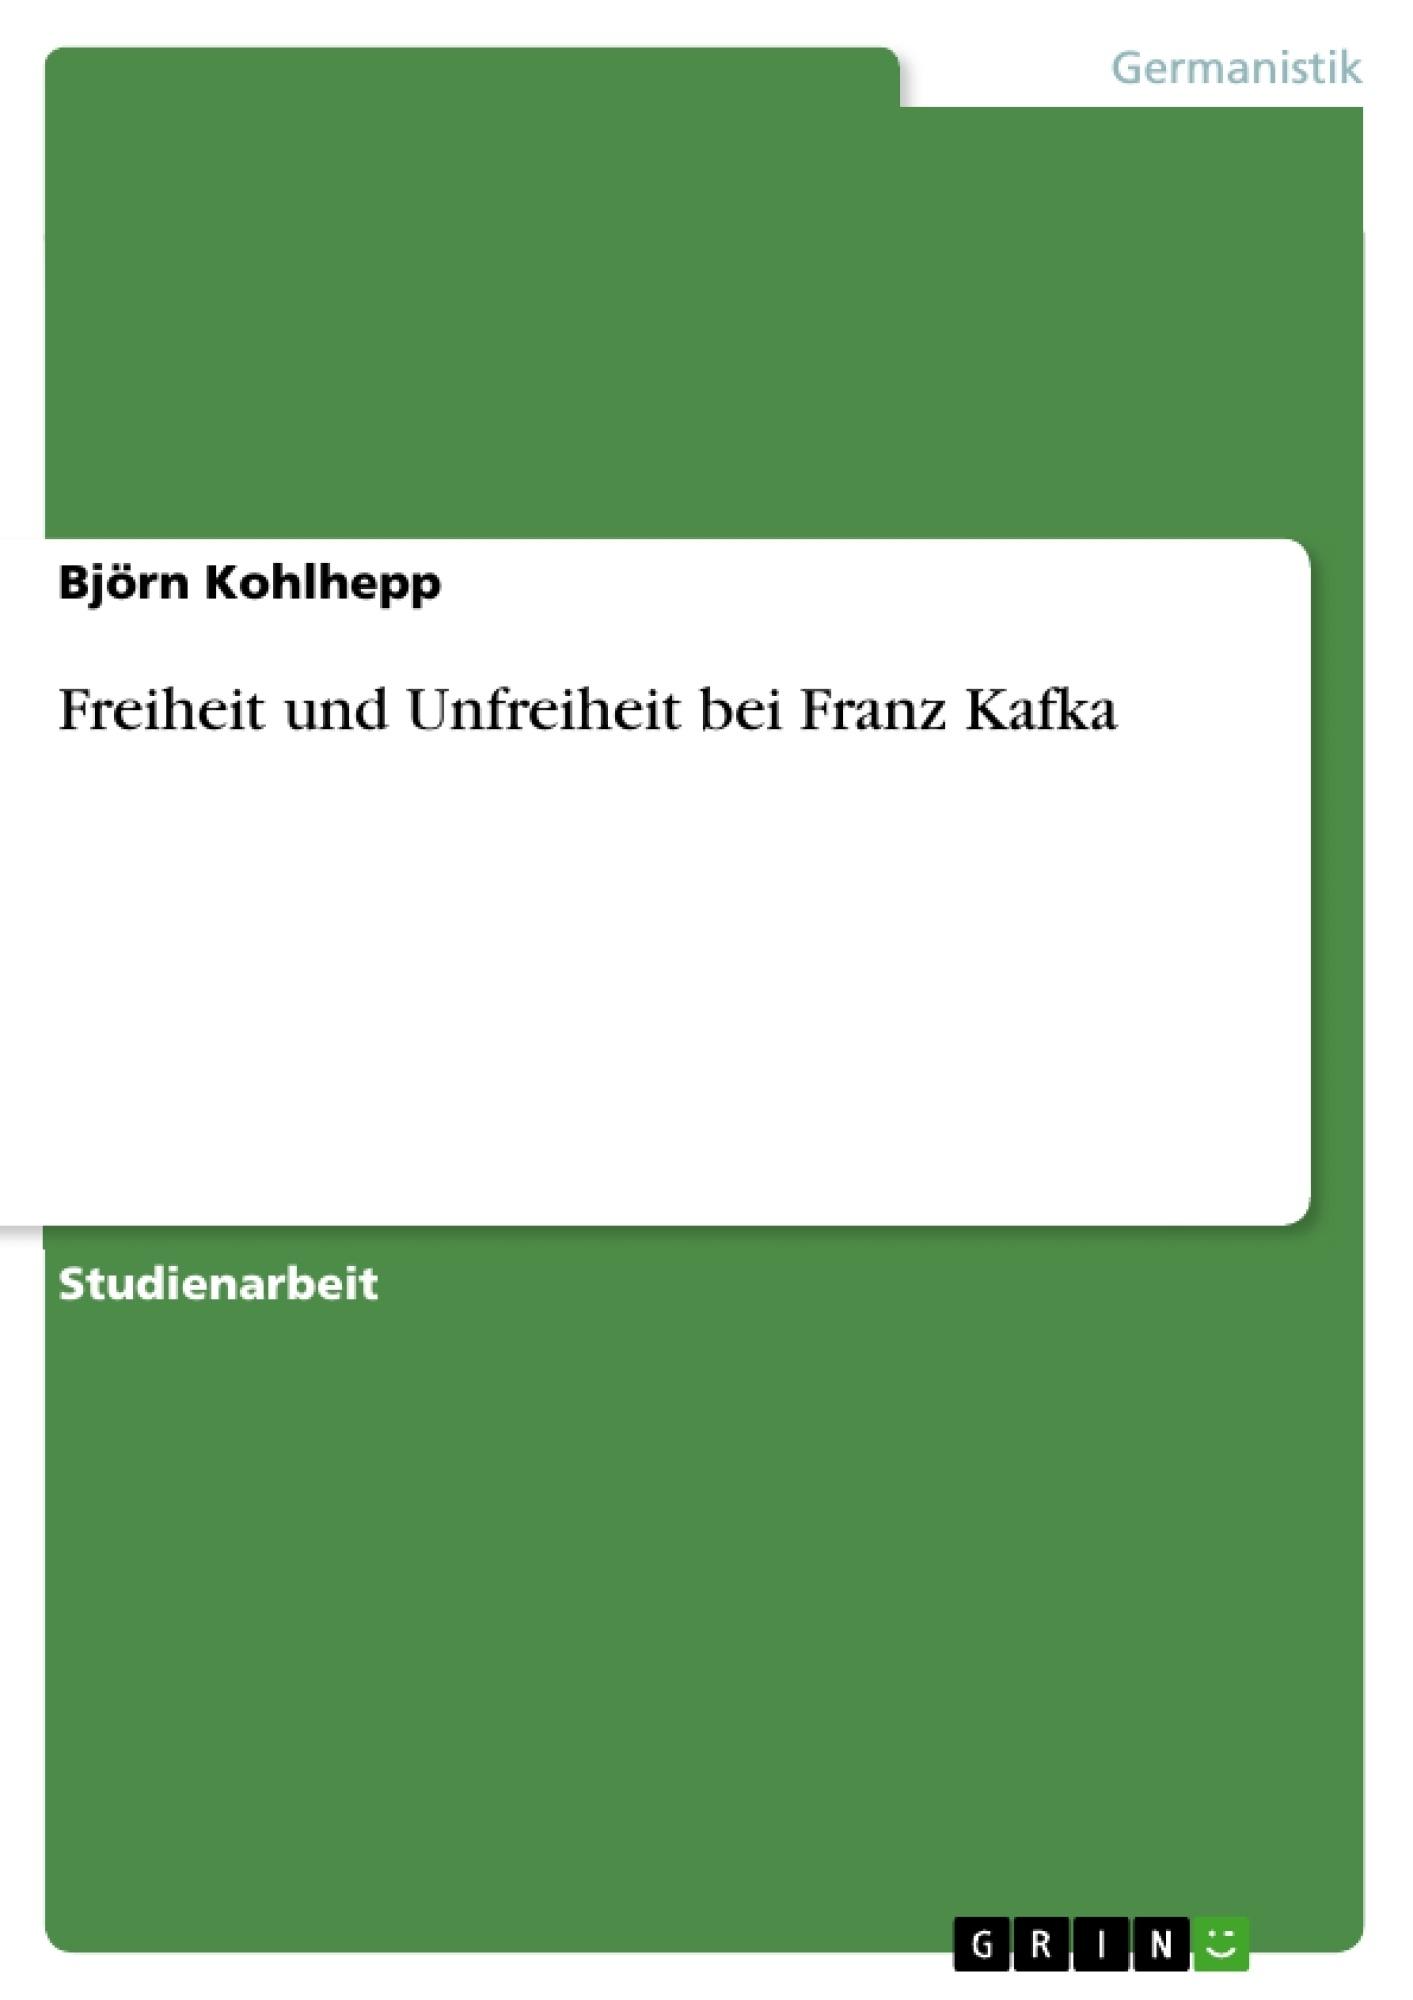 Titel: Freiheit und Unfreiheit bei Franz Kafka